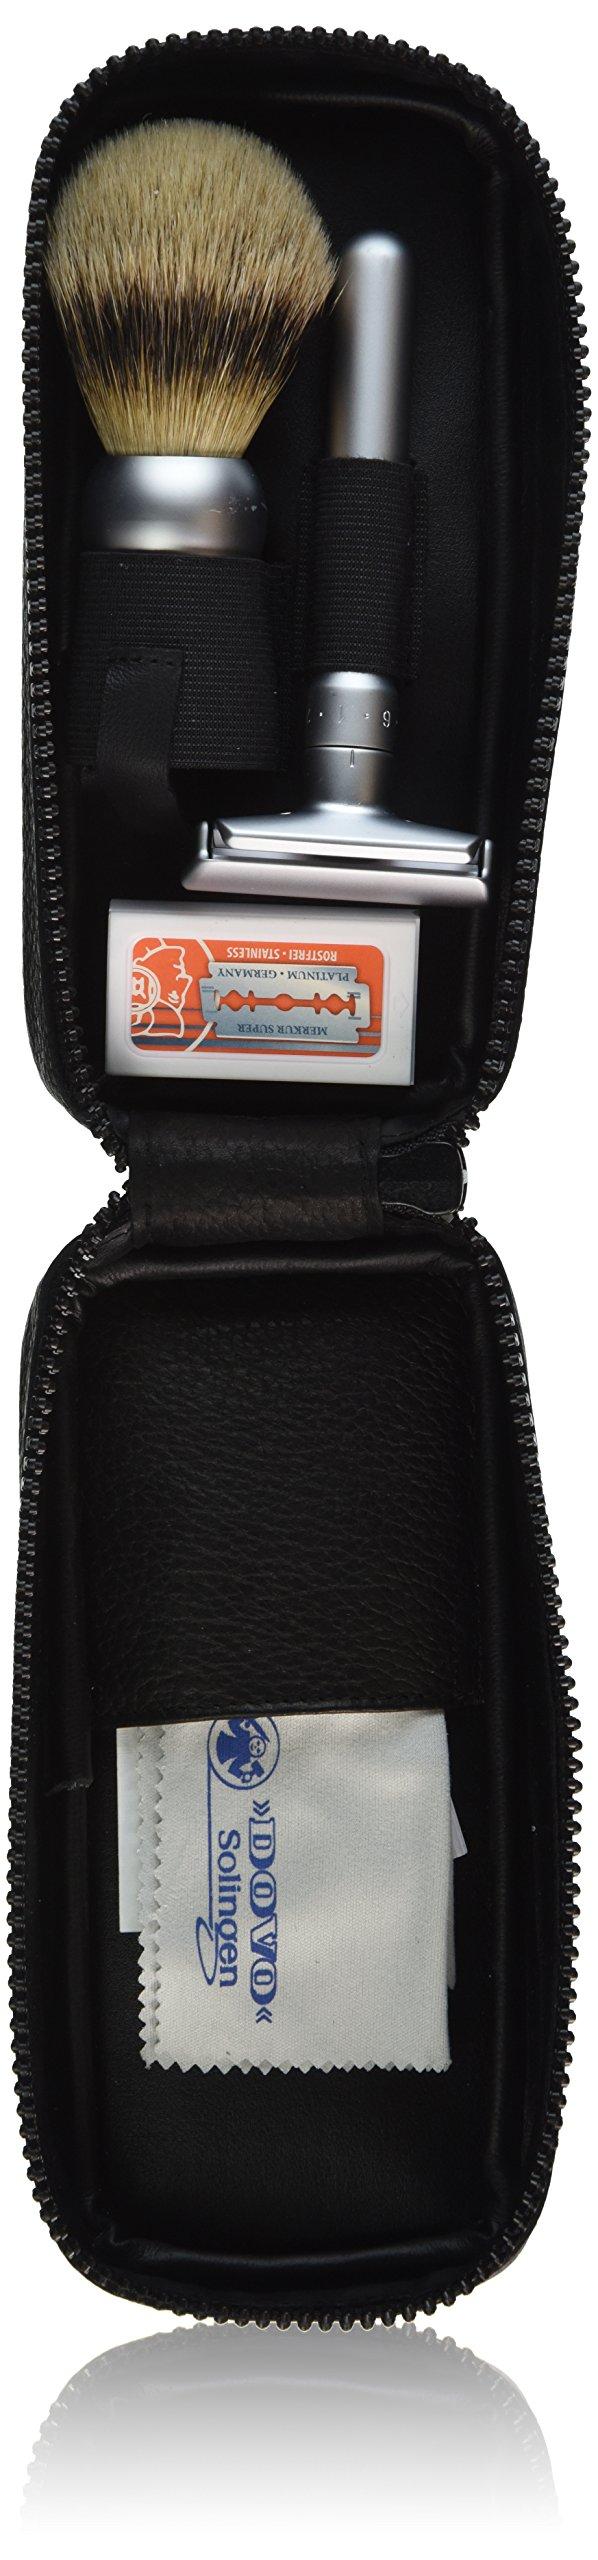 Merkur-Razor Leather Zipper Shaving Set